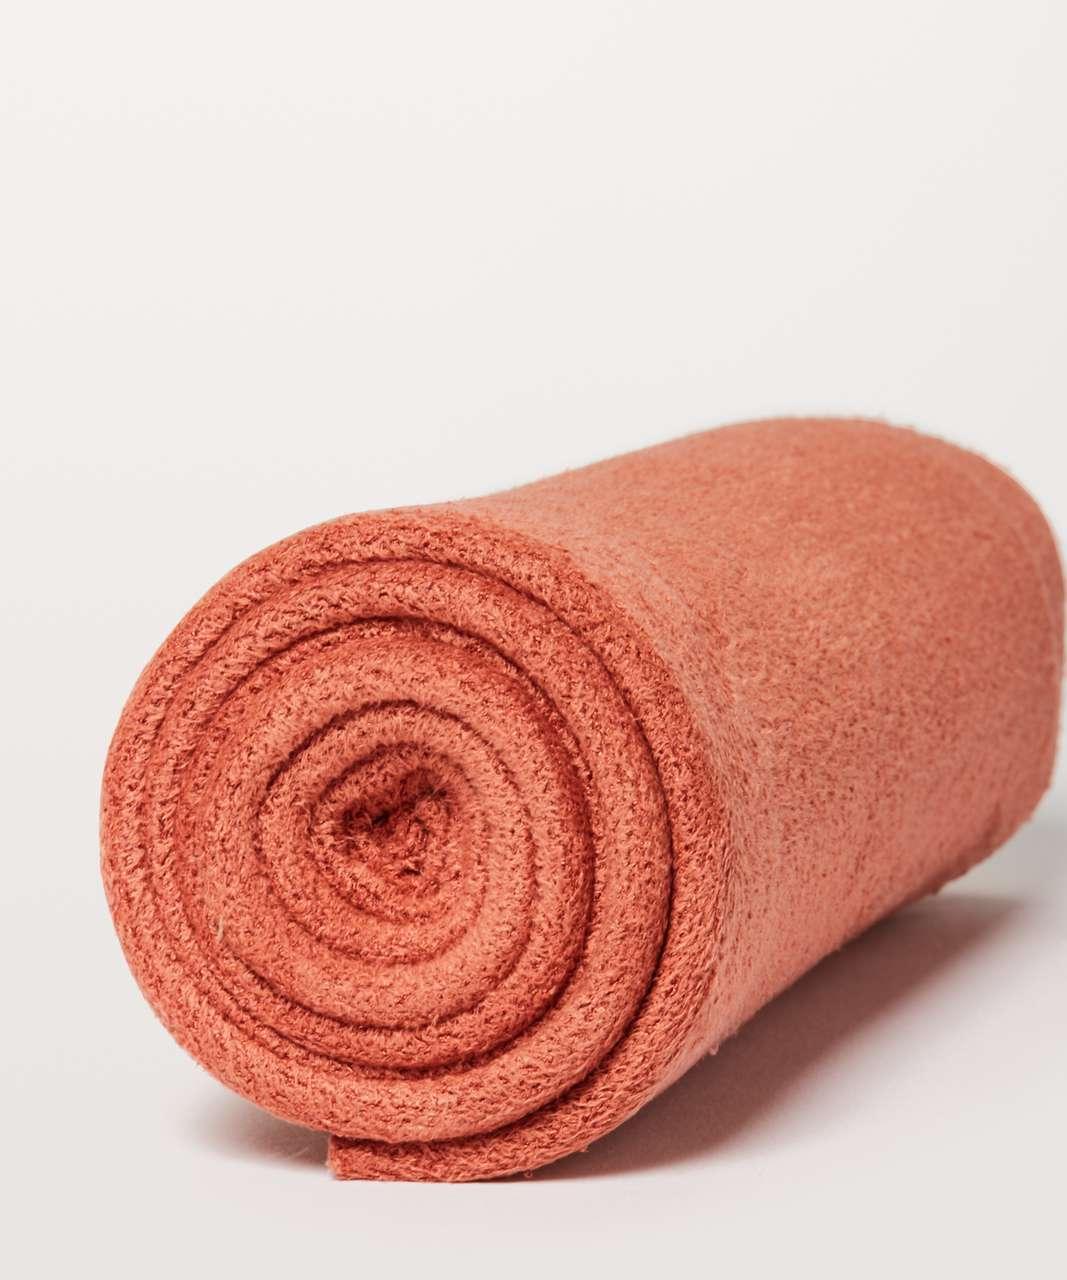 Lululemon The (Small) Towel - Santa Fe